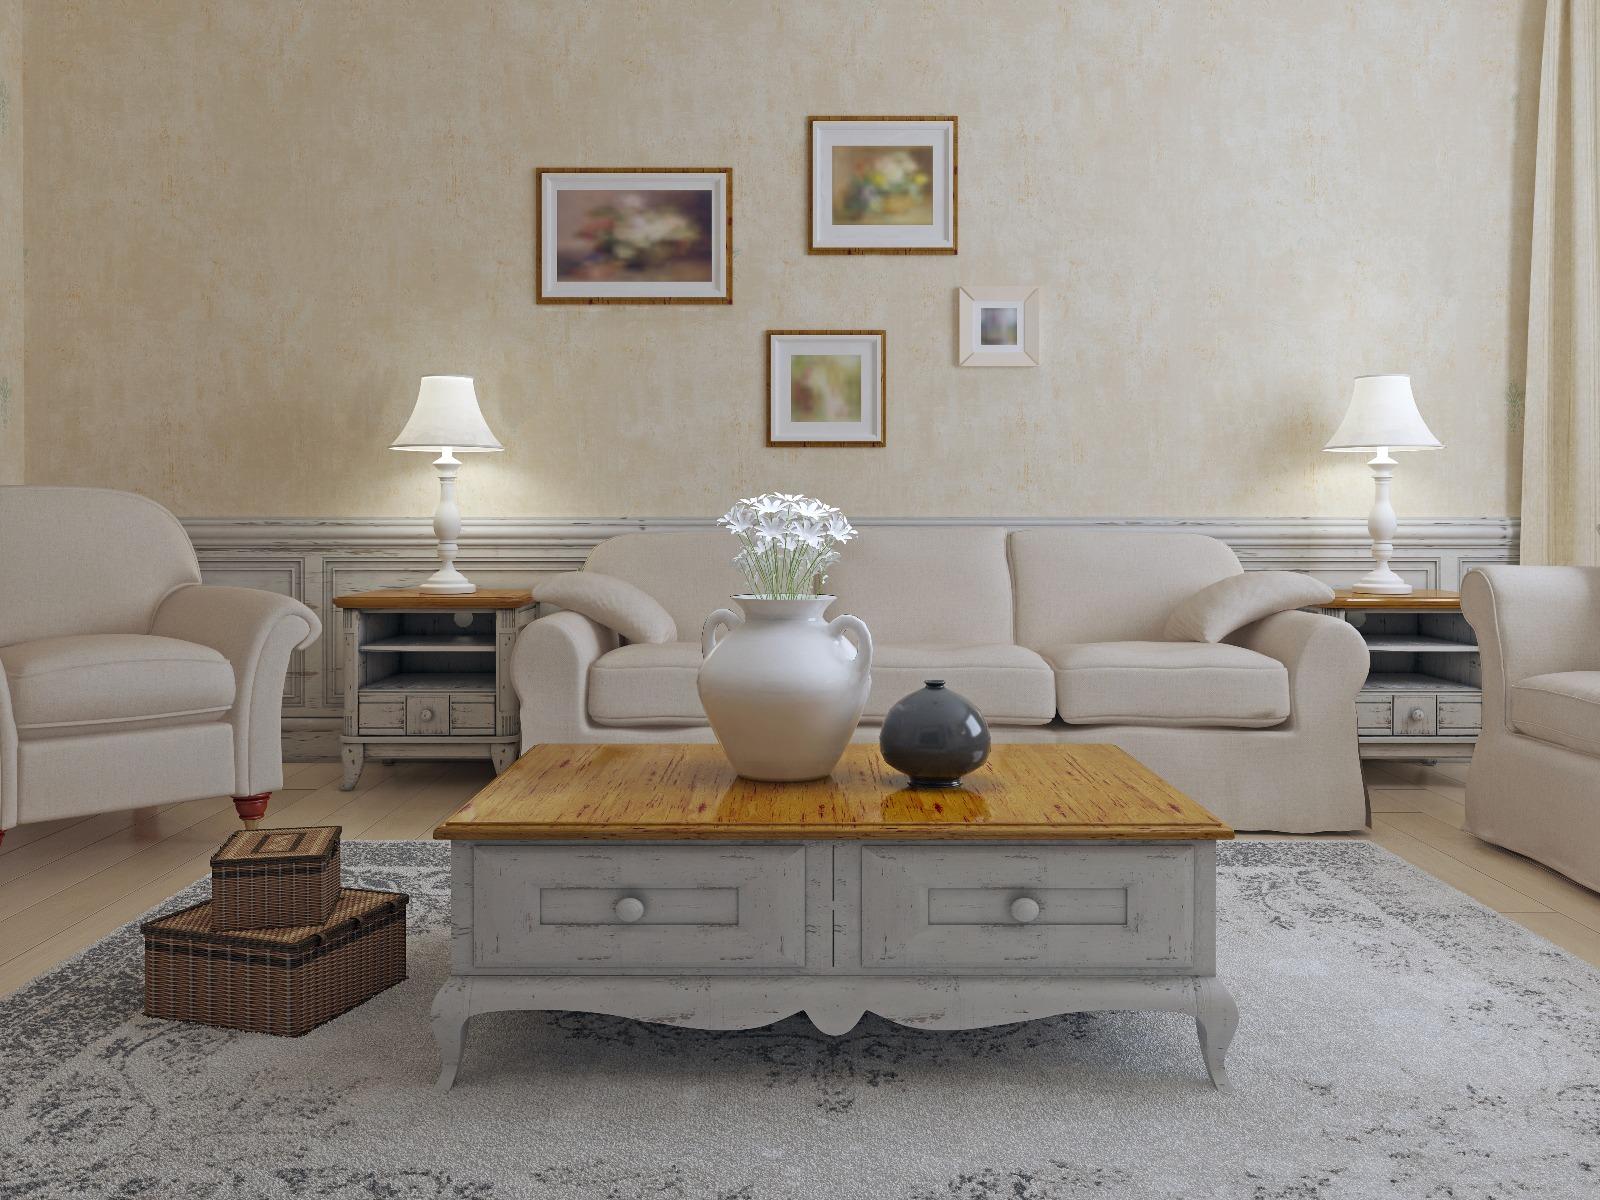 Das Bild zeigt einen Wohnzimmertisch im Landhausstil.